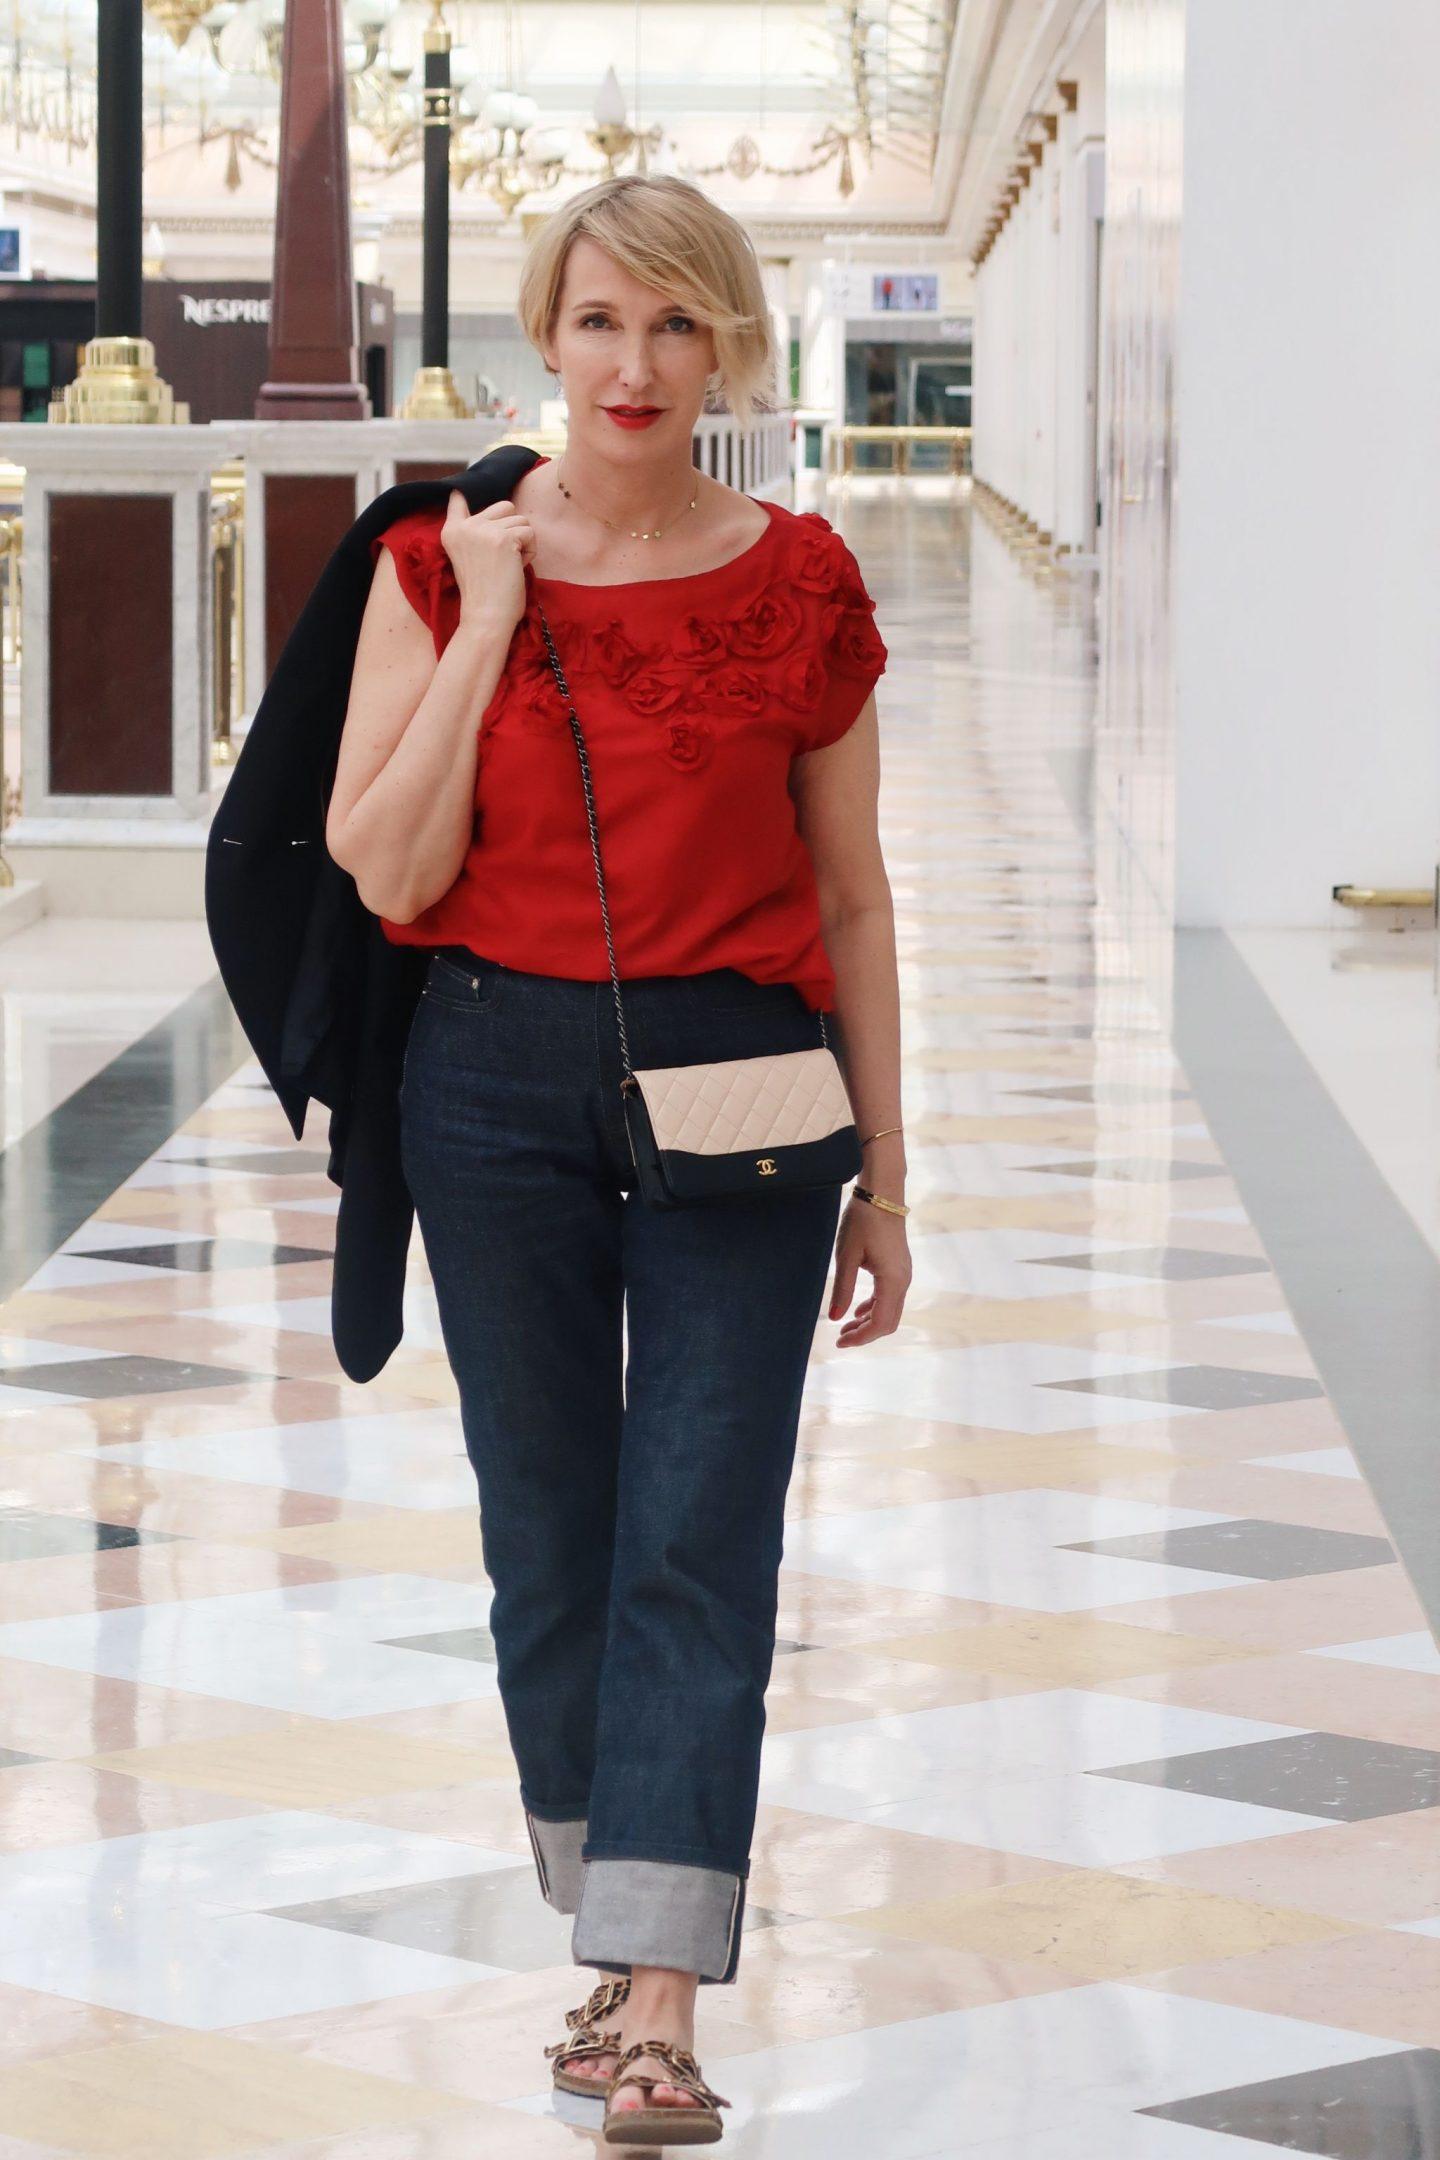 Rote Seidenbluse zur Jeans